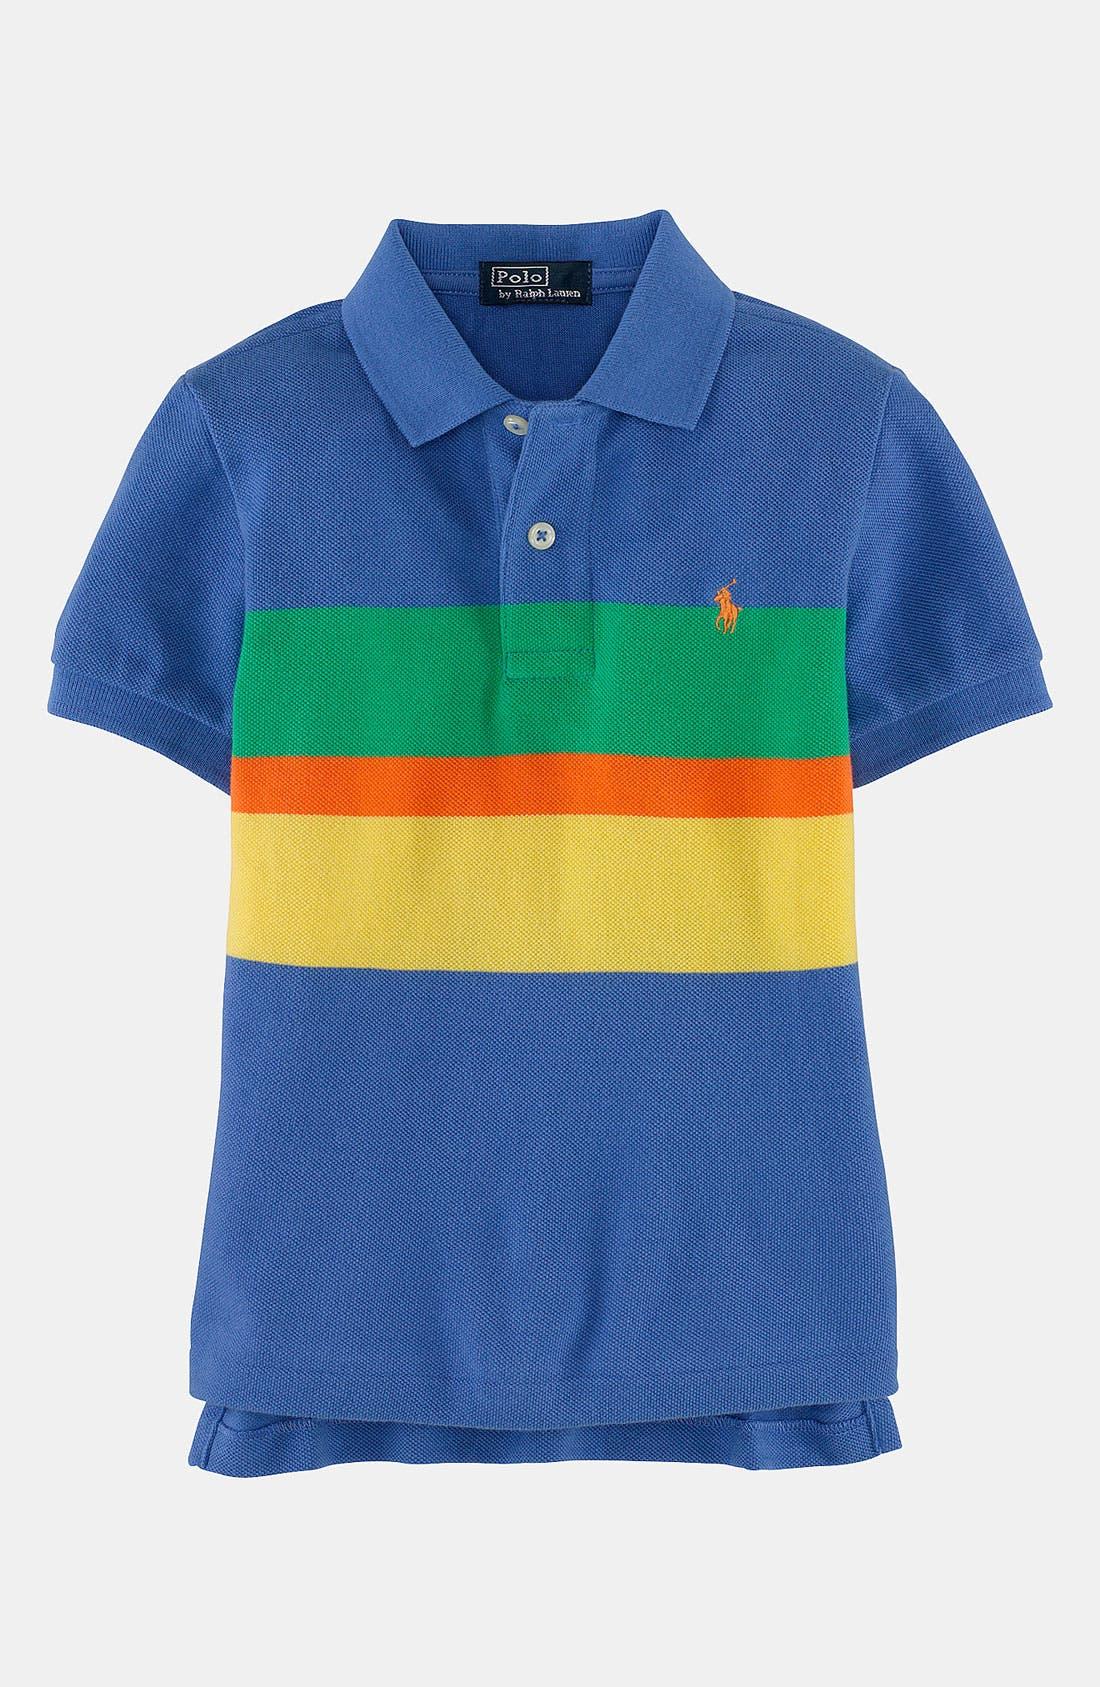 Alternate Image 1 Selected - Ralph Lauren Stripe Polo (Toddler)